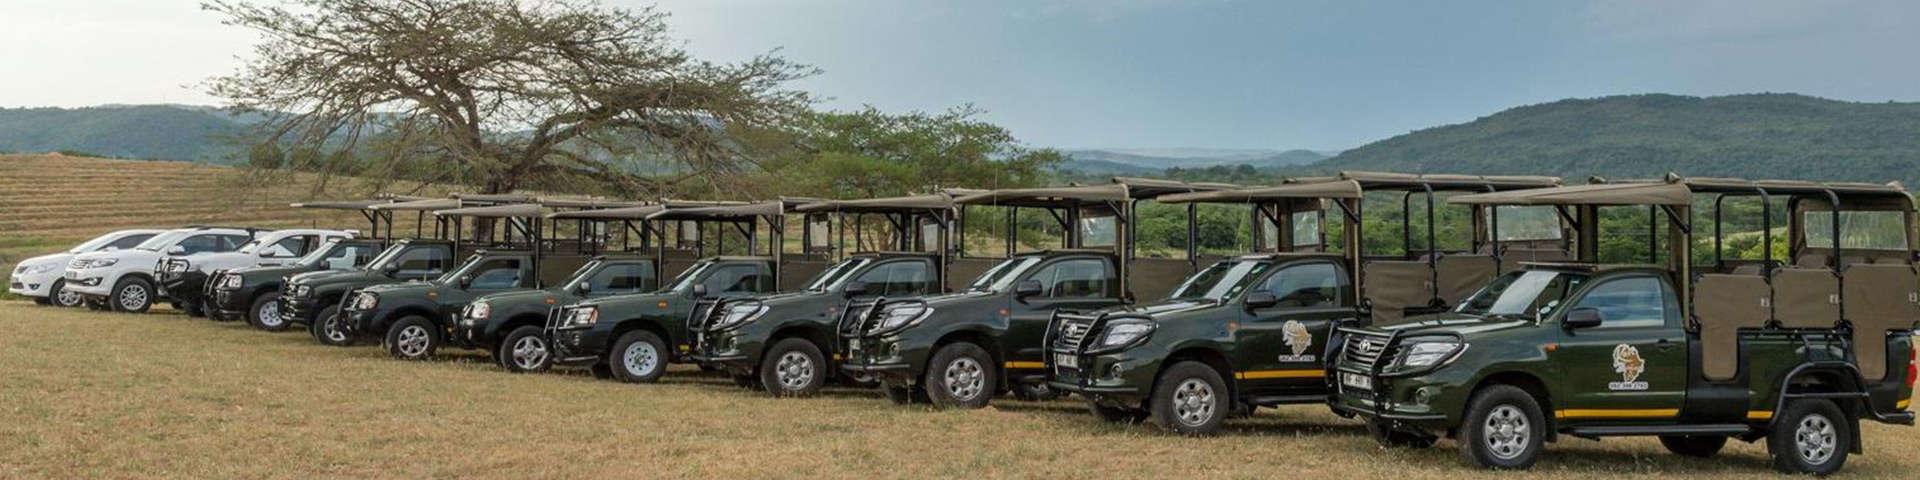 Kurger National Park Safaris